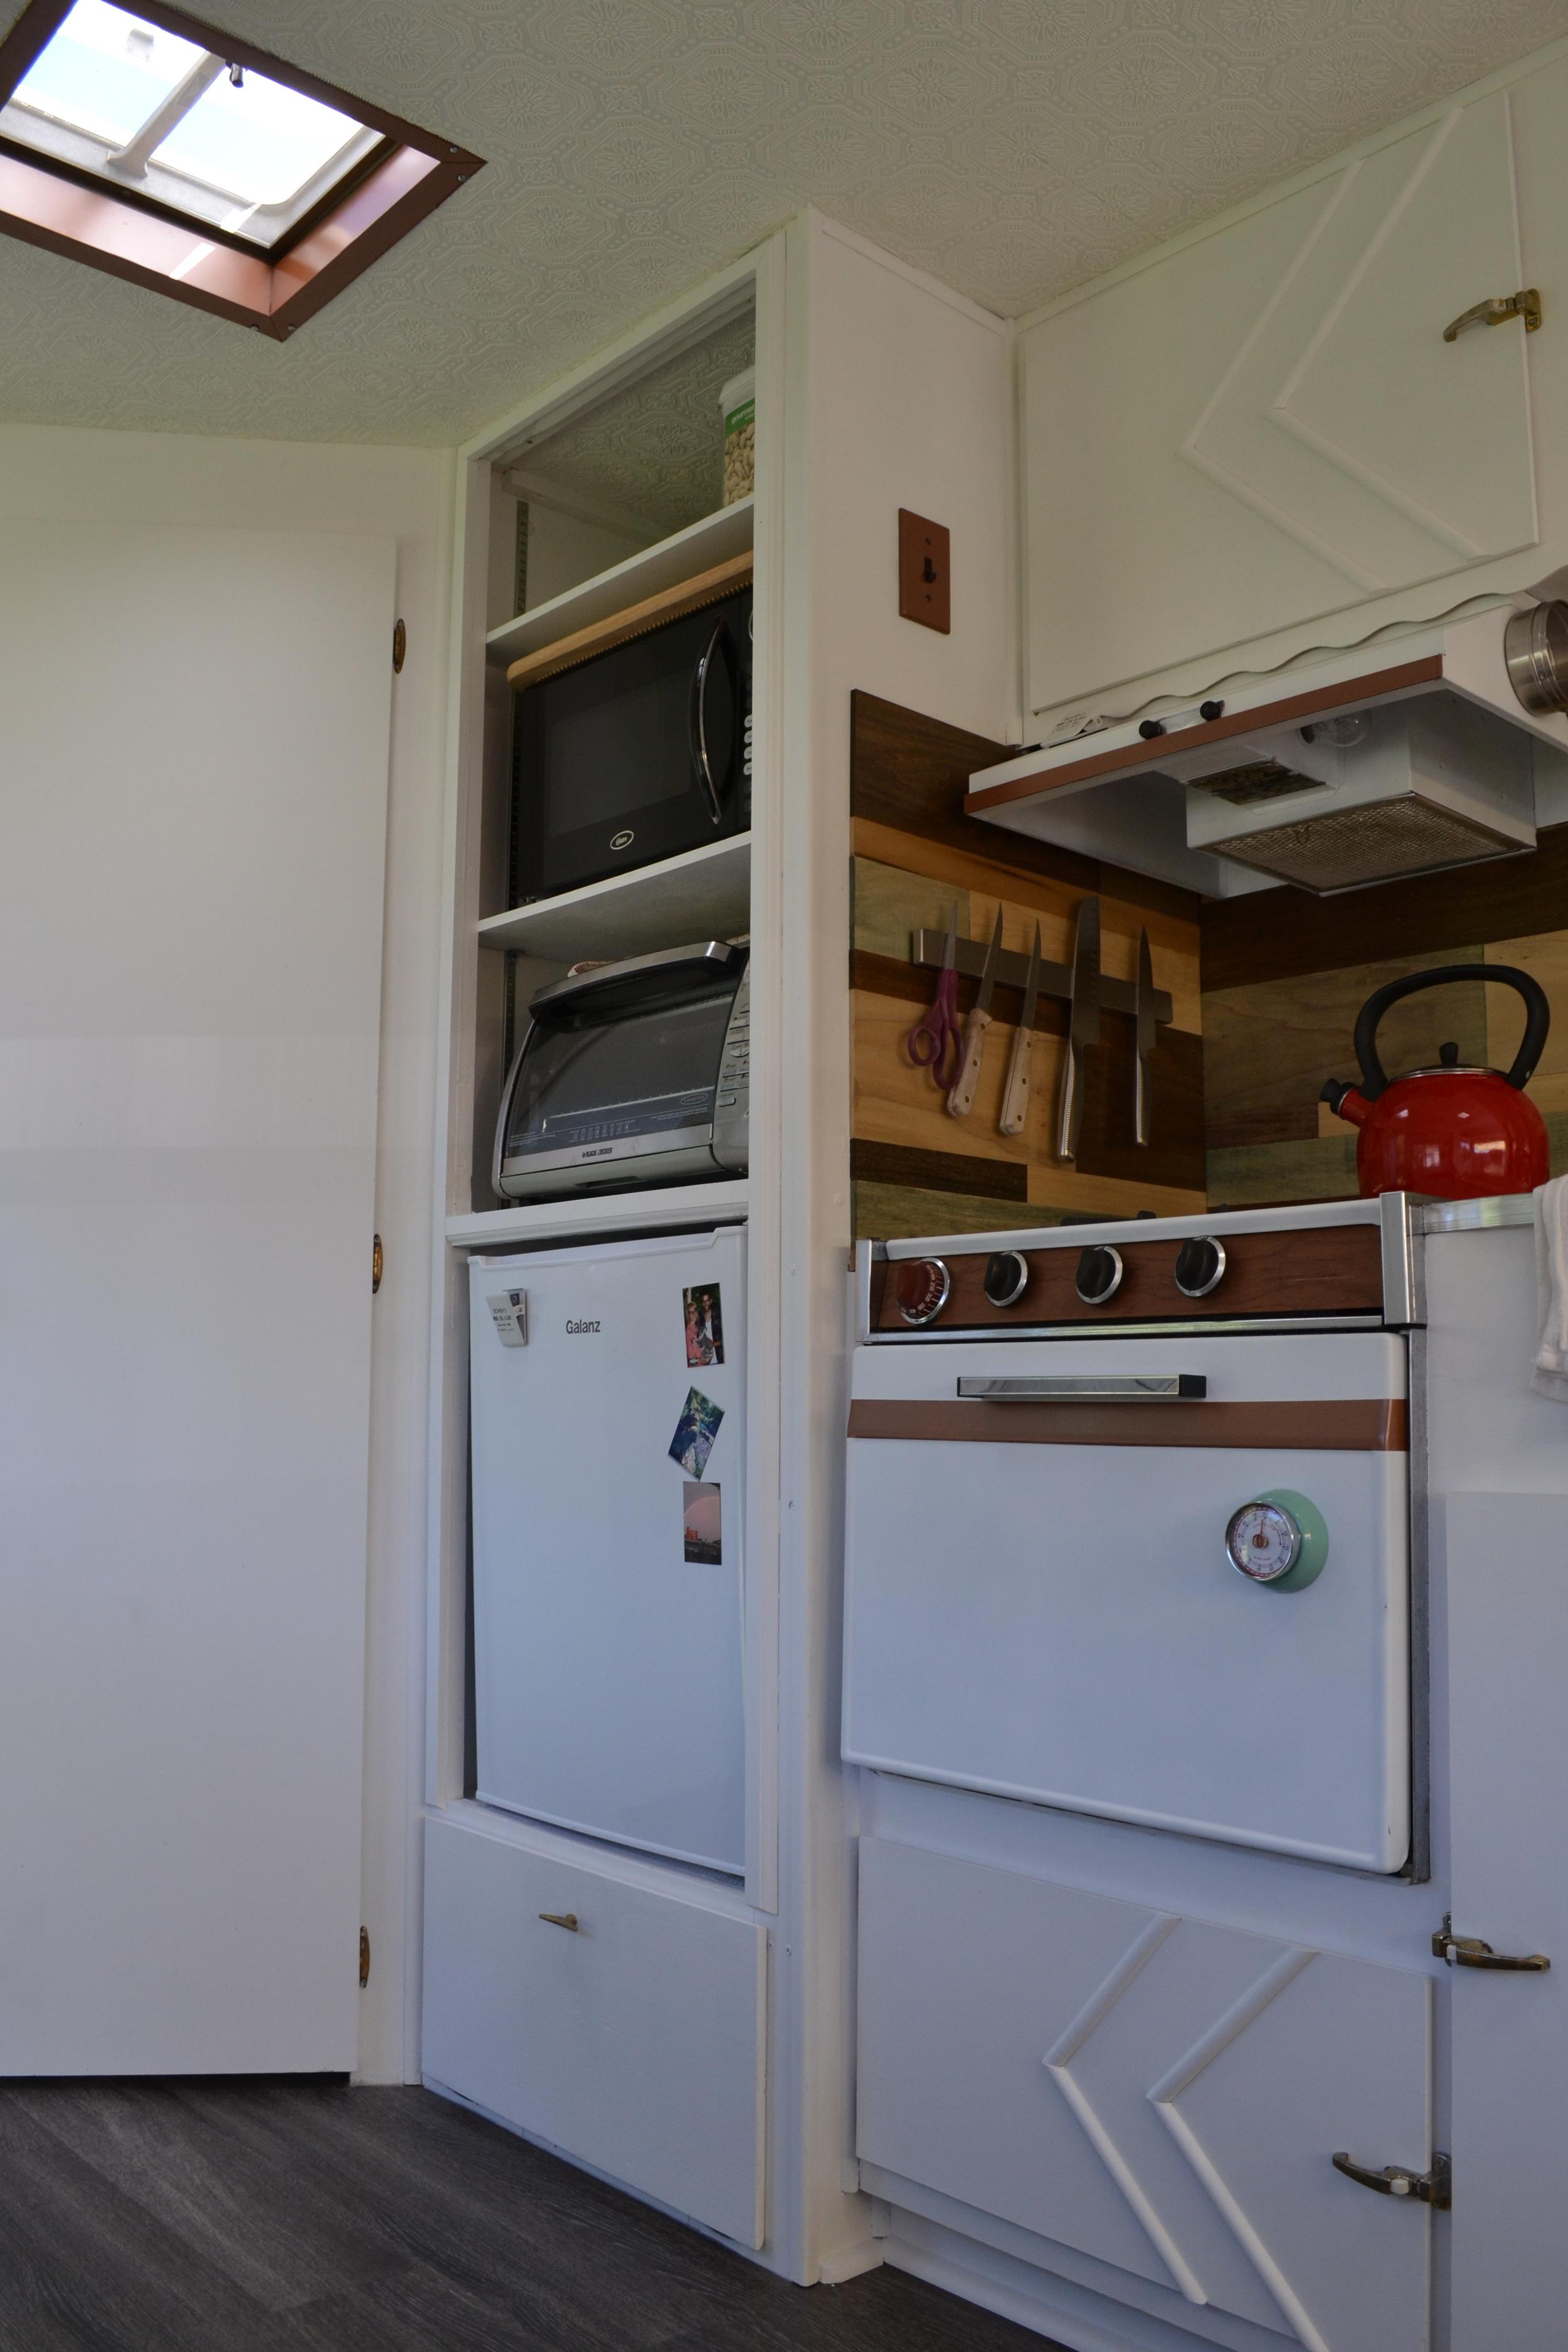 Appliance Area